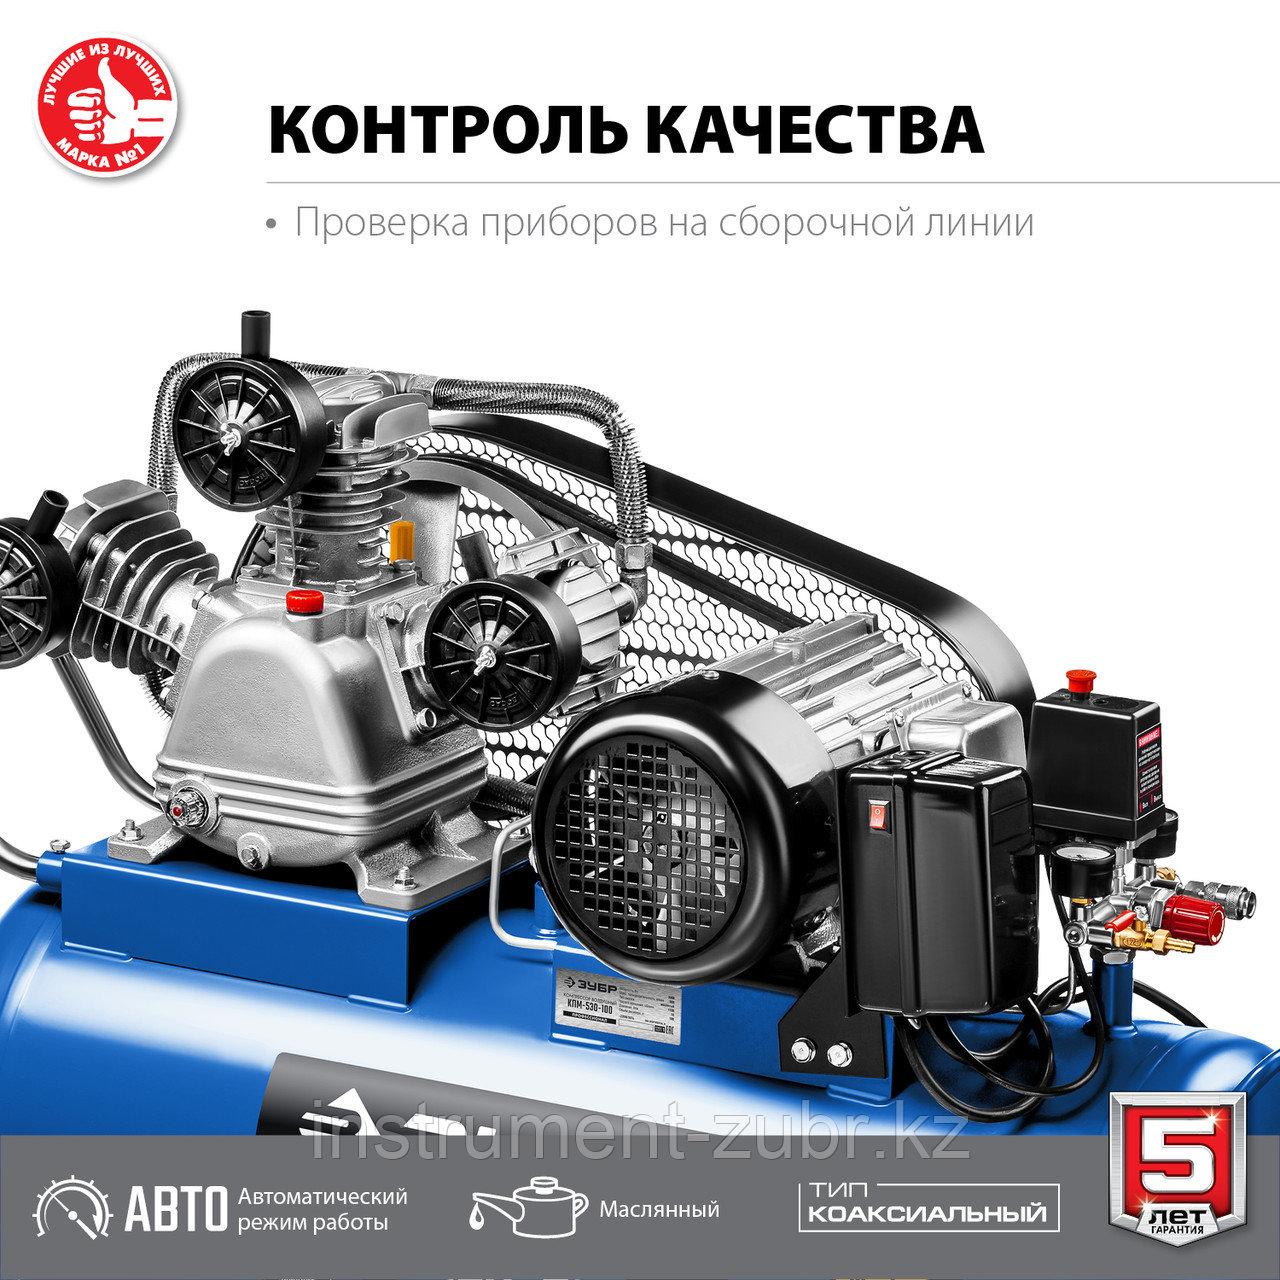 Компрессор ременной, 380 В, 530 л/мин, 100 л, 3000 Вт, ЗУБР - фото 7